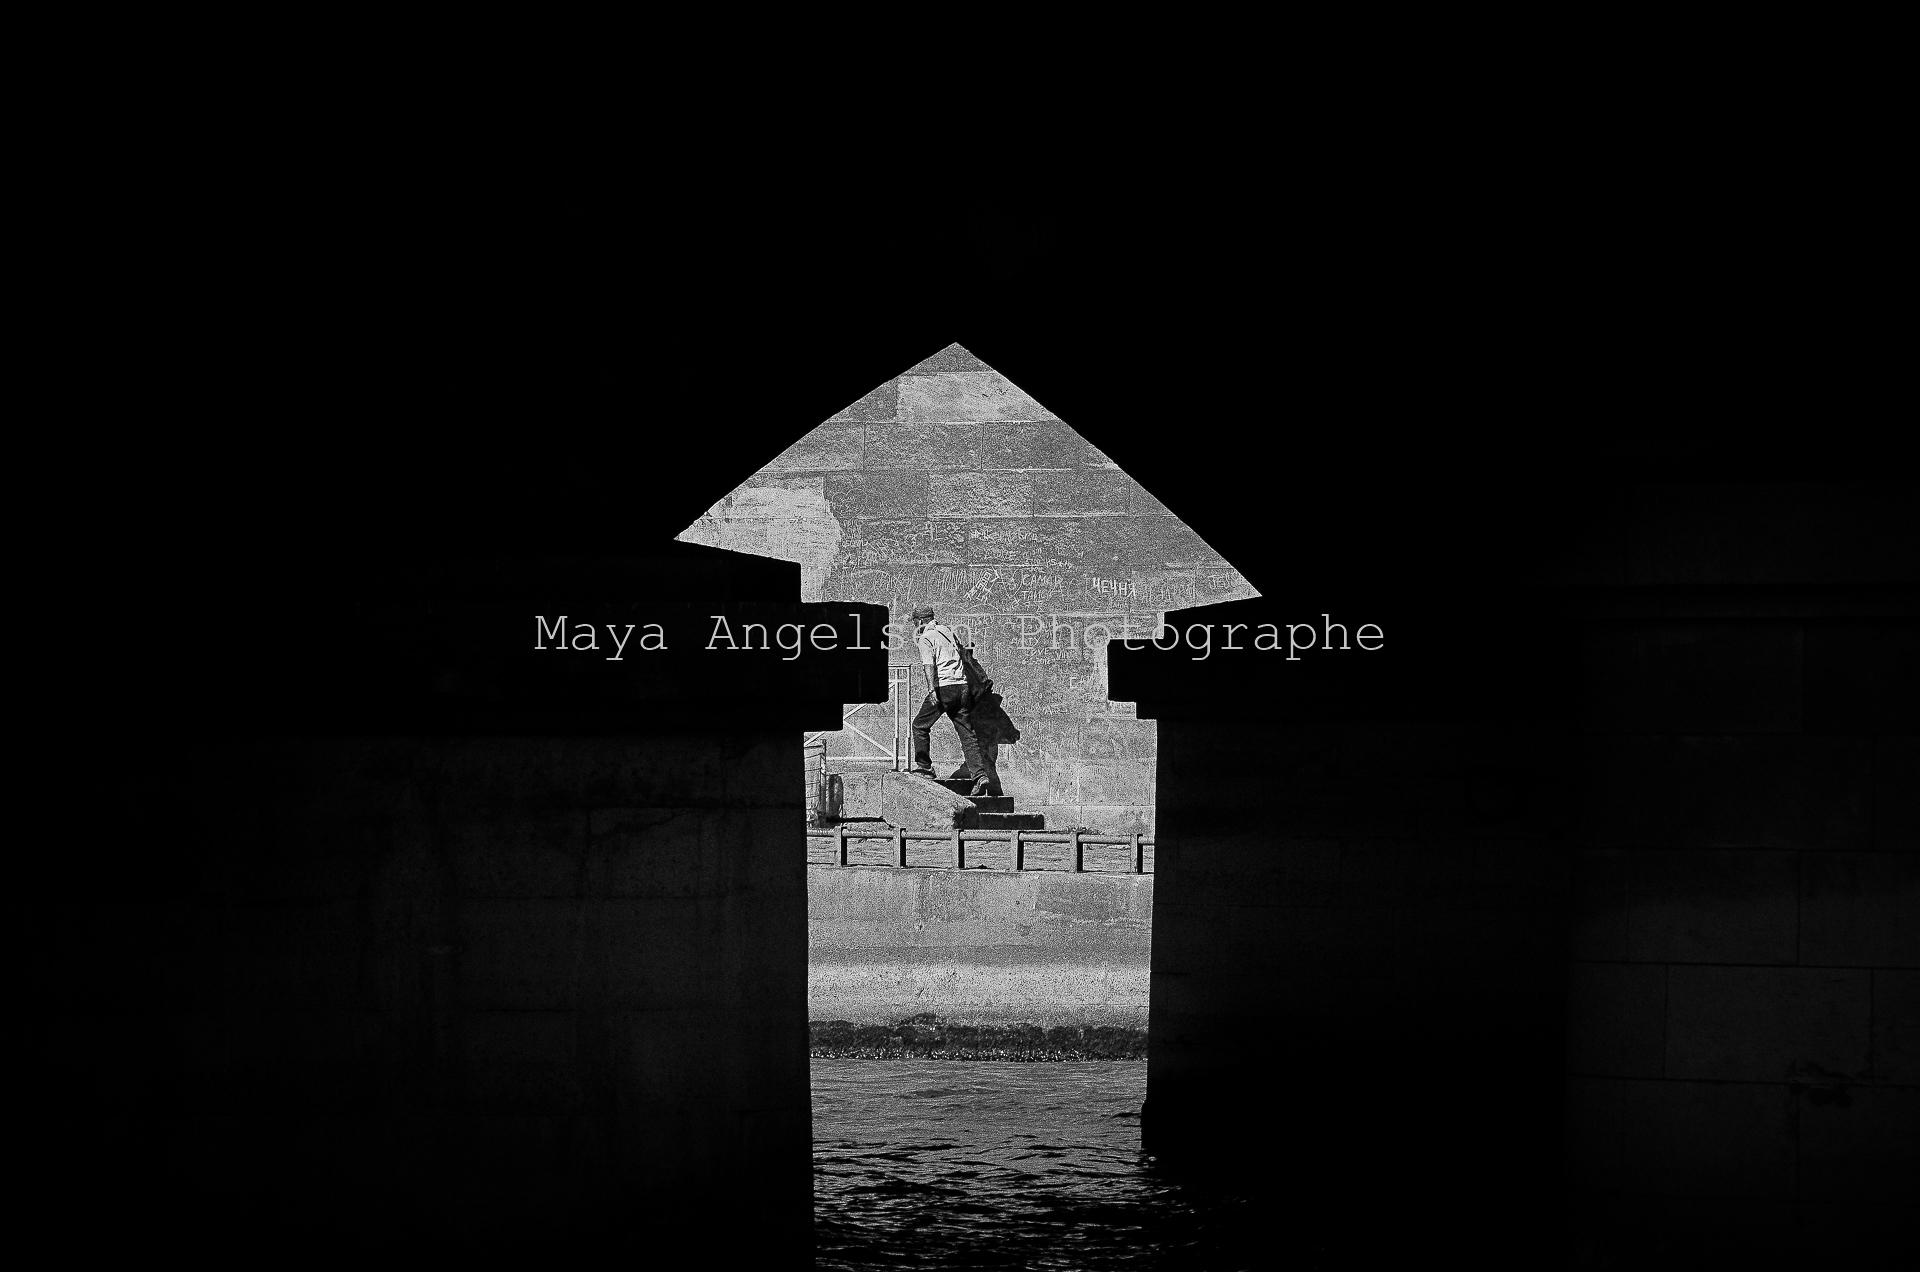 Photographe-Streetphoto-Maya-Angelsen-La-clef